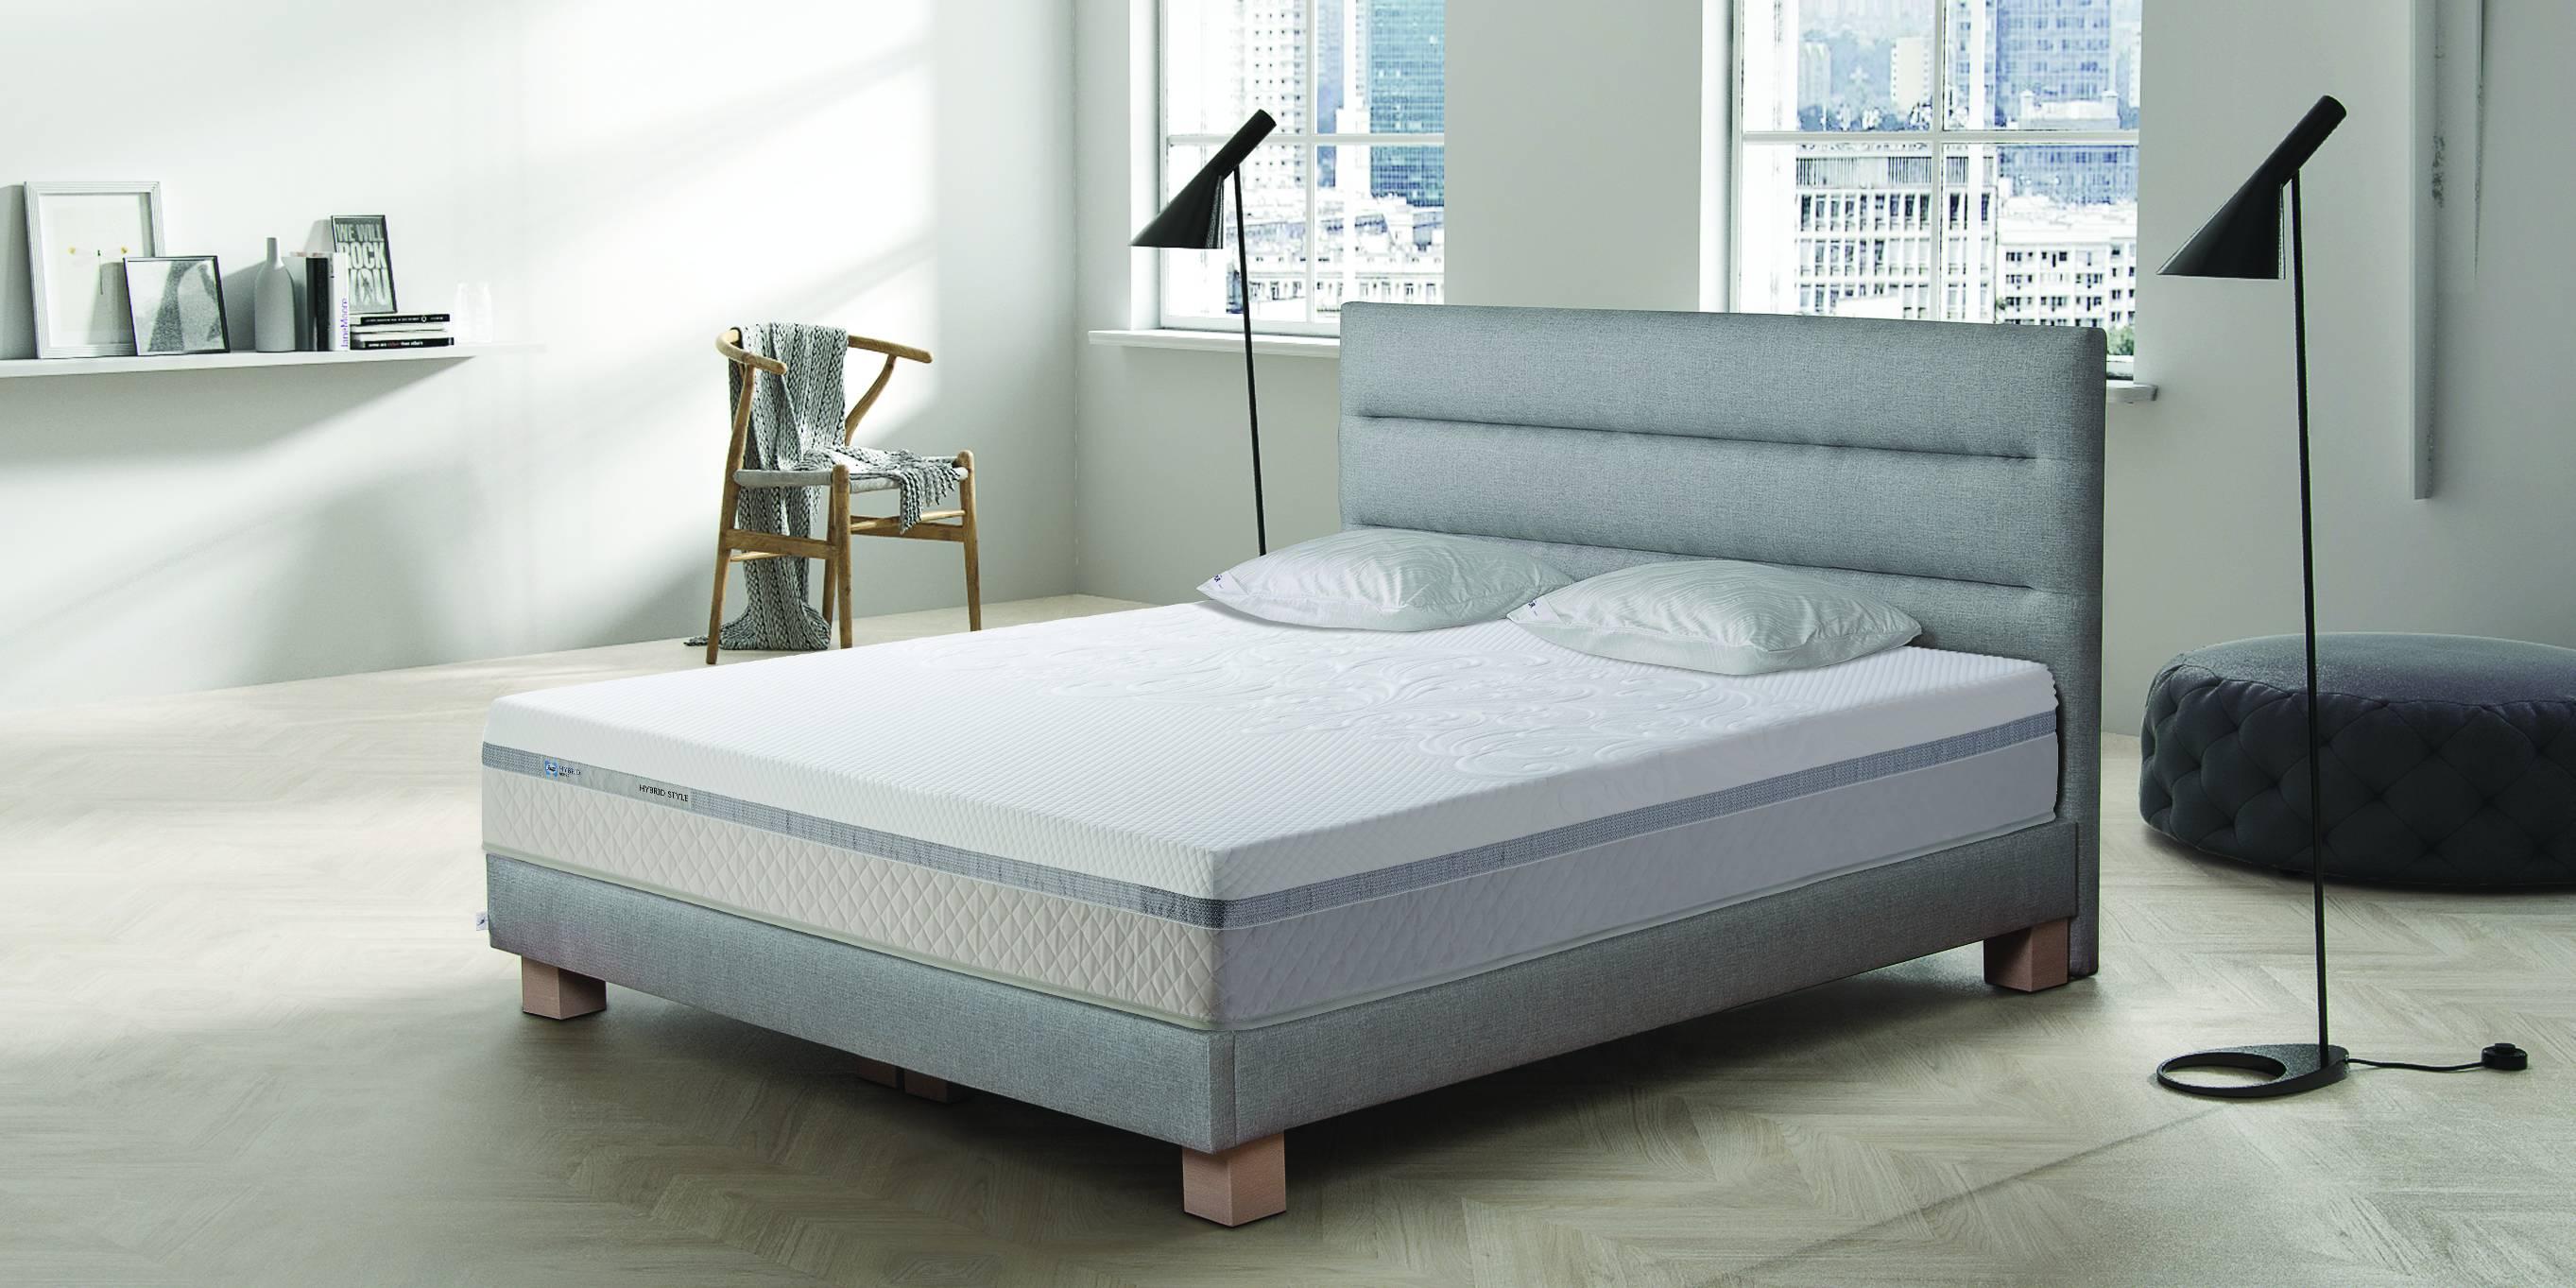 łóżko tailor sealy za 1 zł do materaca hybrid